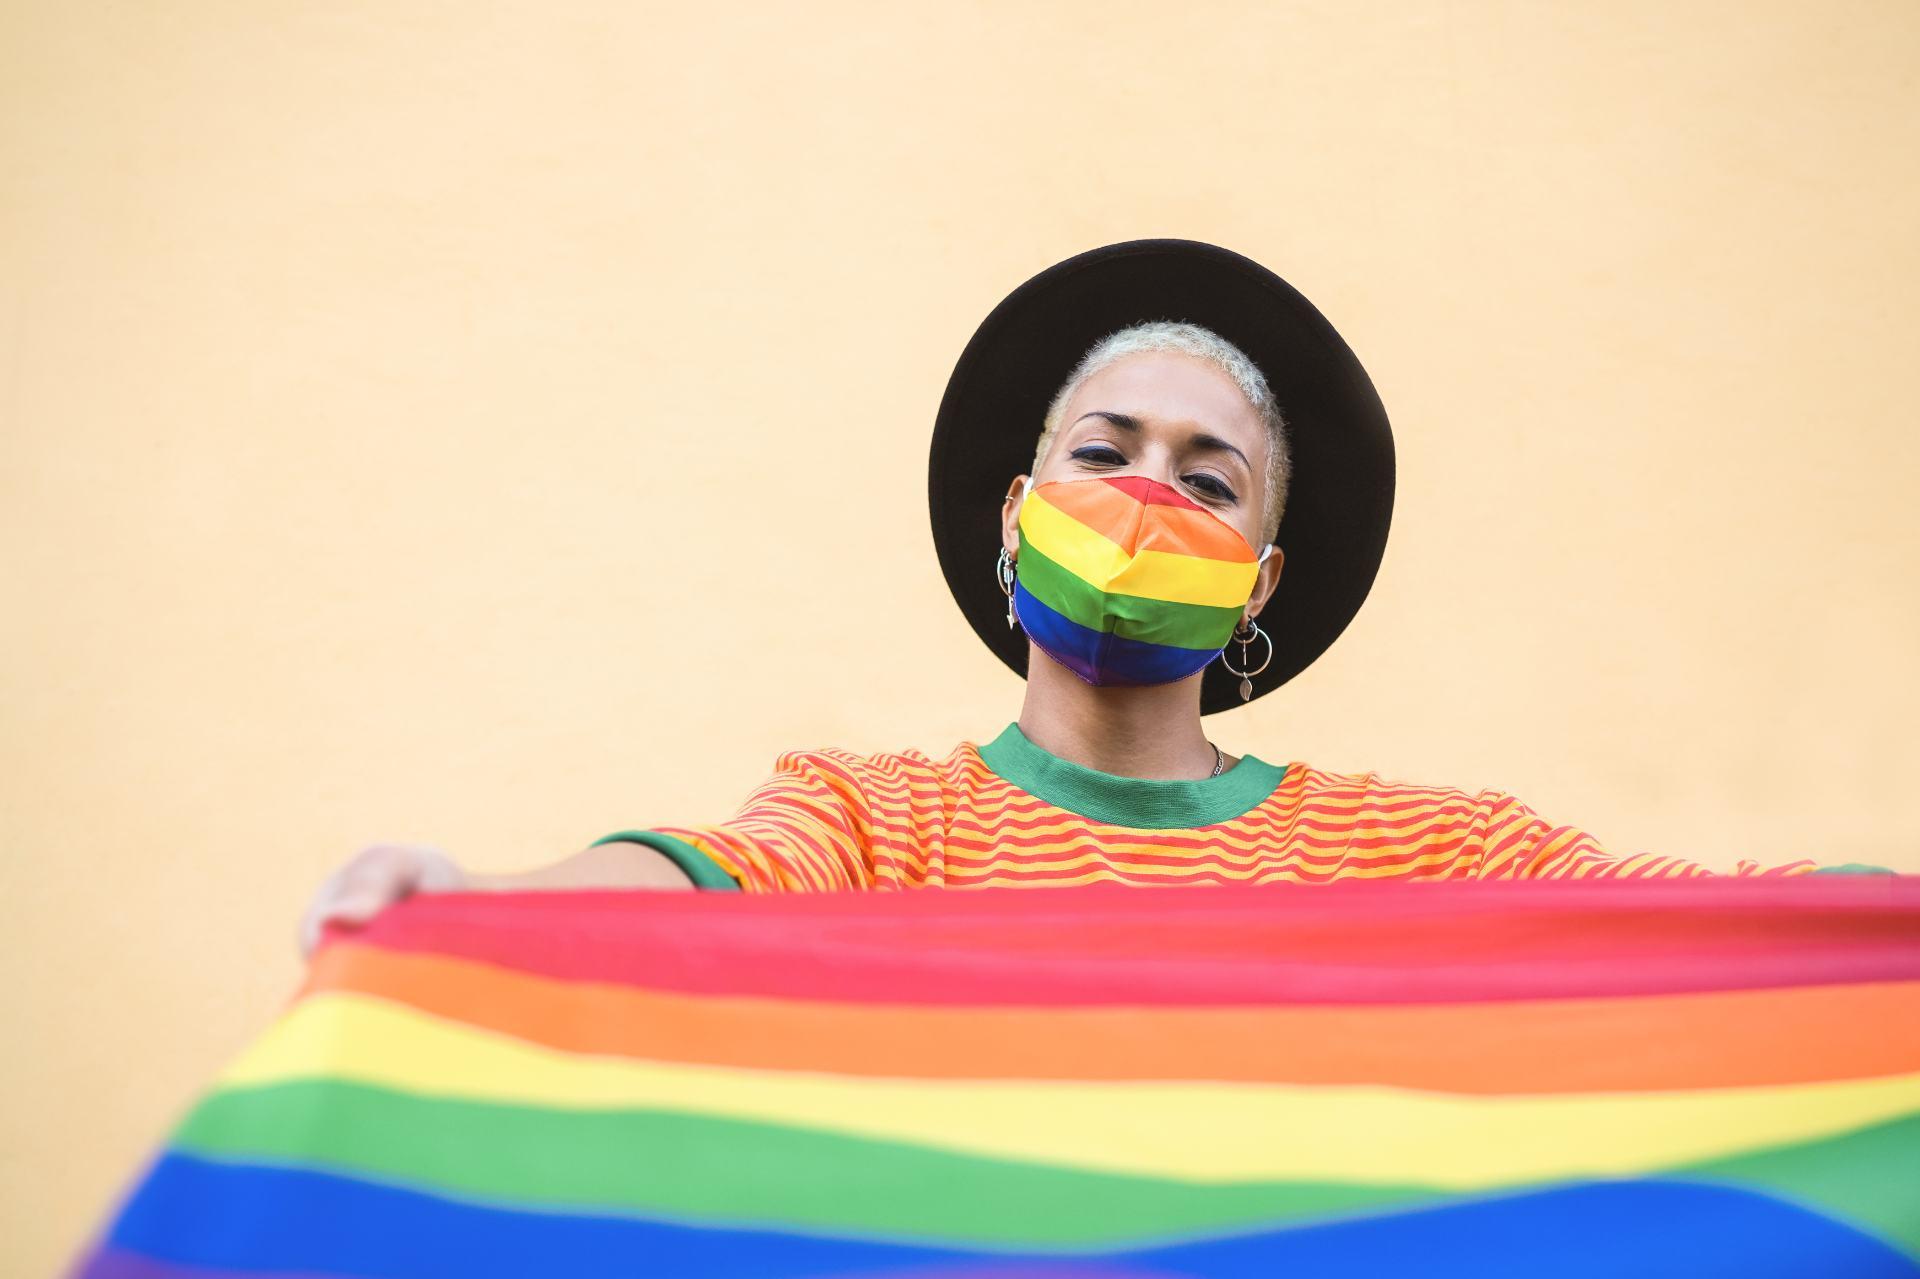 Enquête sur les voyages LGBTQ+ 2021 : des résultats encourageants!